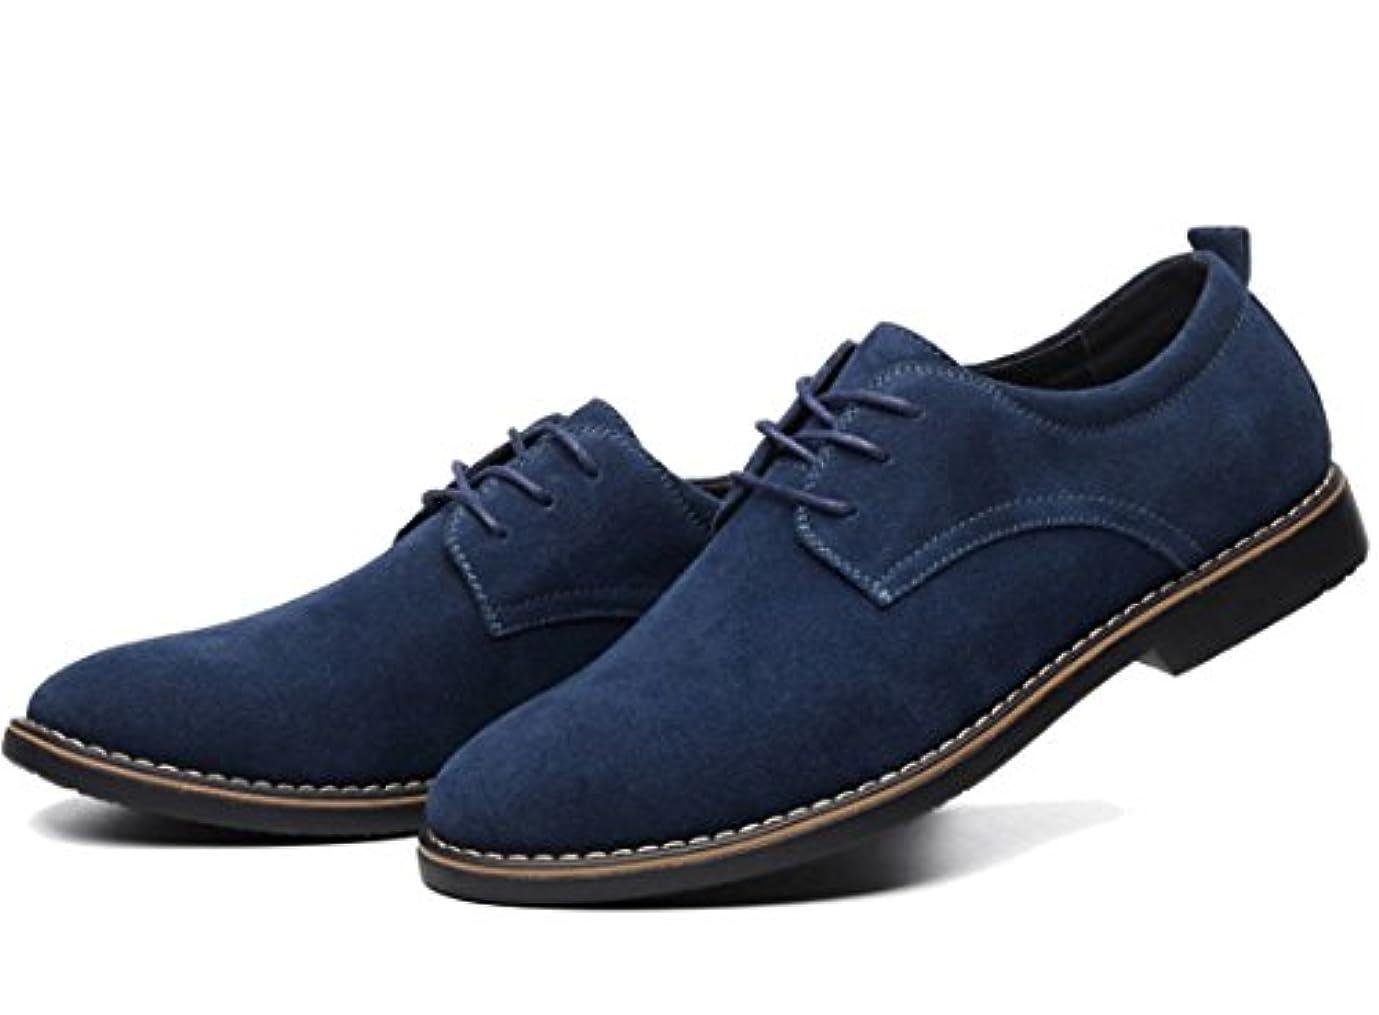 自分を引き上げる不健全有害なHeaven Days(ヘブンデイズ) 革靴 ビジネスシューズ ドライビングシューズ ローファー 紳士靴 レースアップ スエード調 カジュアル メンズ 1803N0438